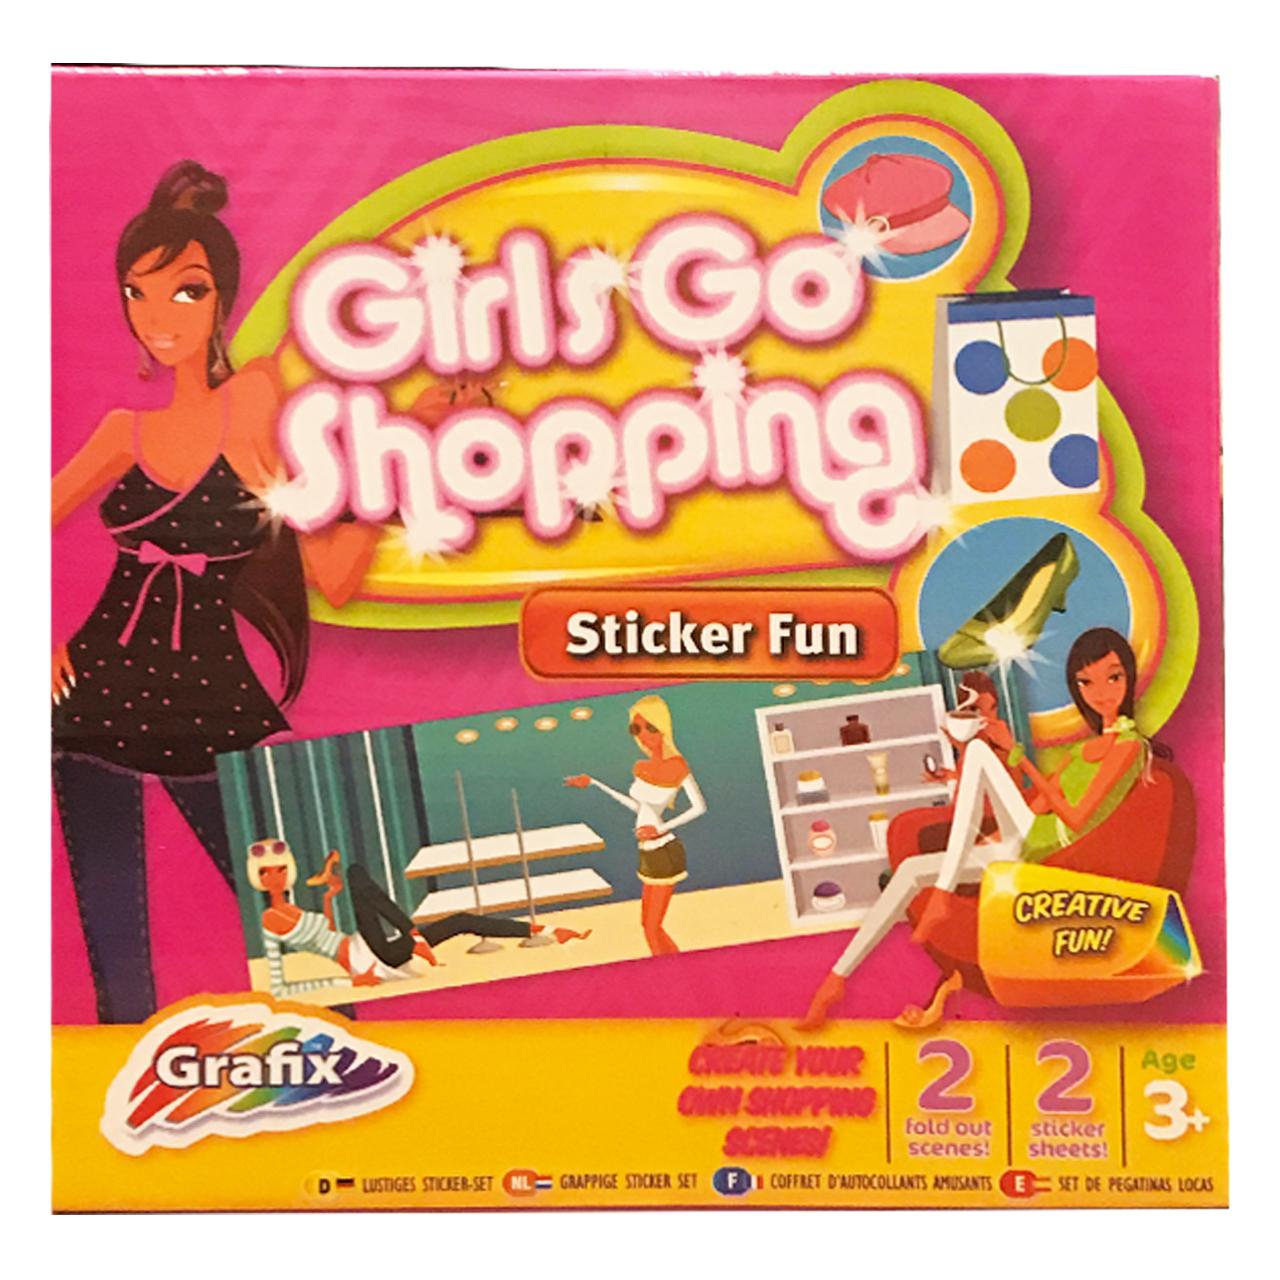 بازی آموزشی گرافیکس مدل Go Shopping Sticker Fun